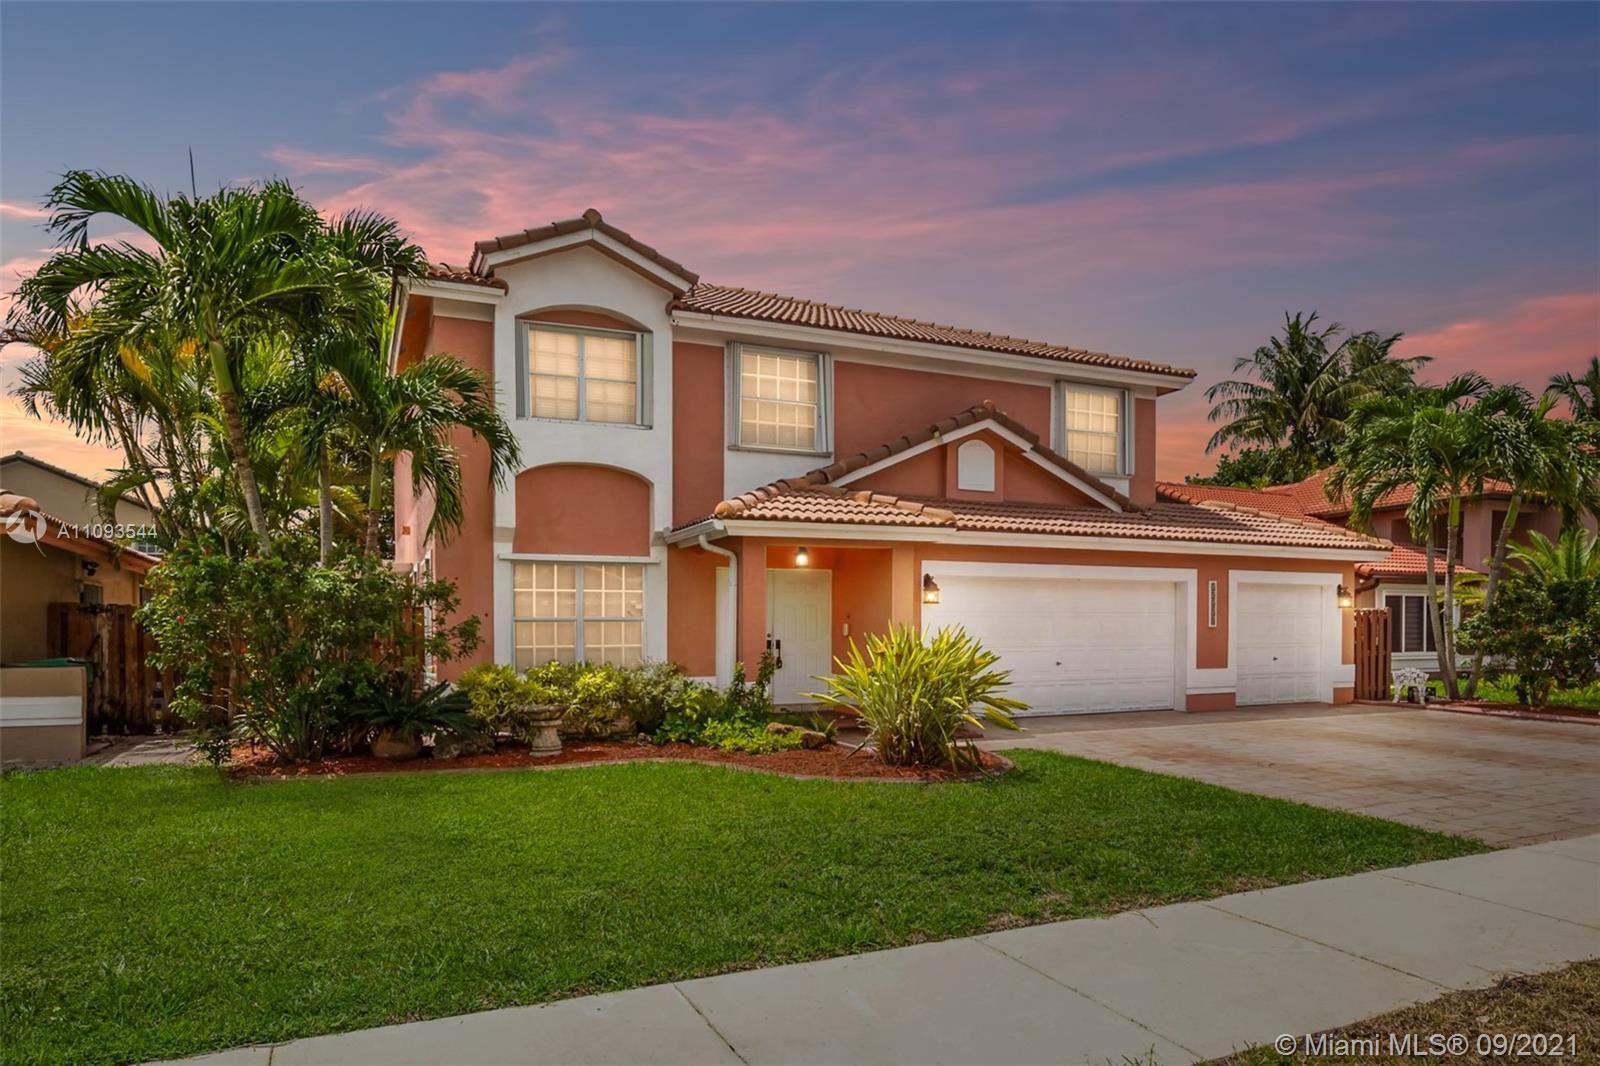 15458 SW 146th St, Miami, FL 33196 - #: A11093544